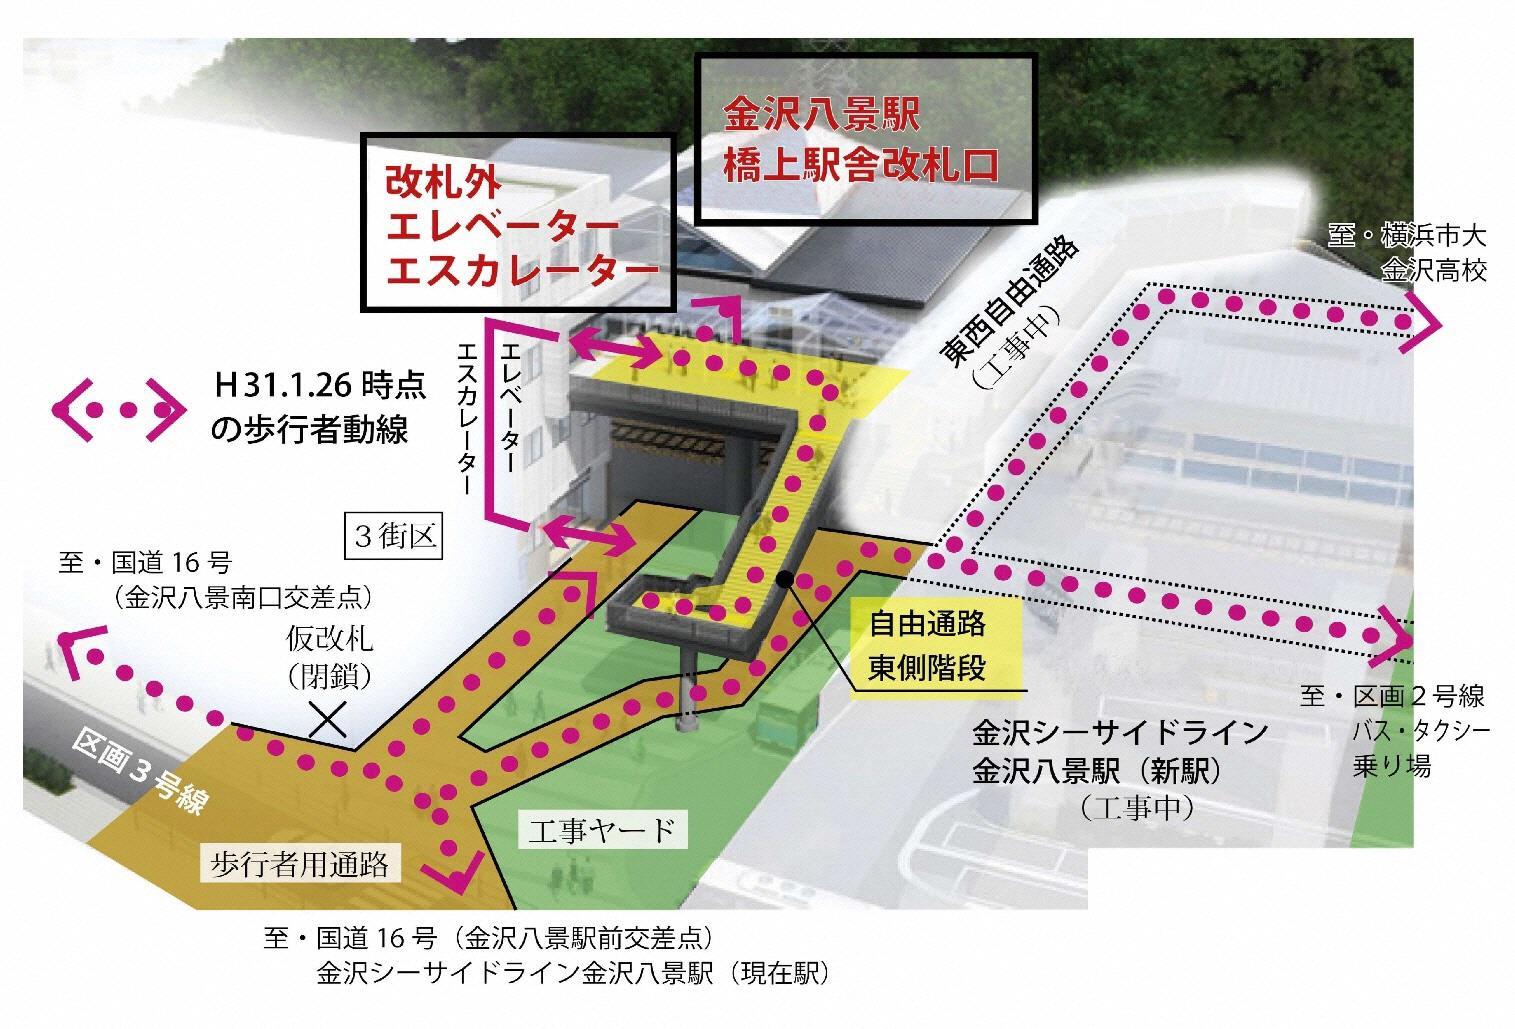 金沢八景駅橋上駅舎など(外観イメージ)